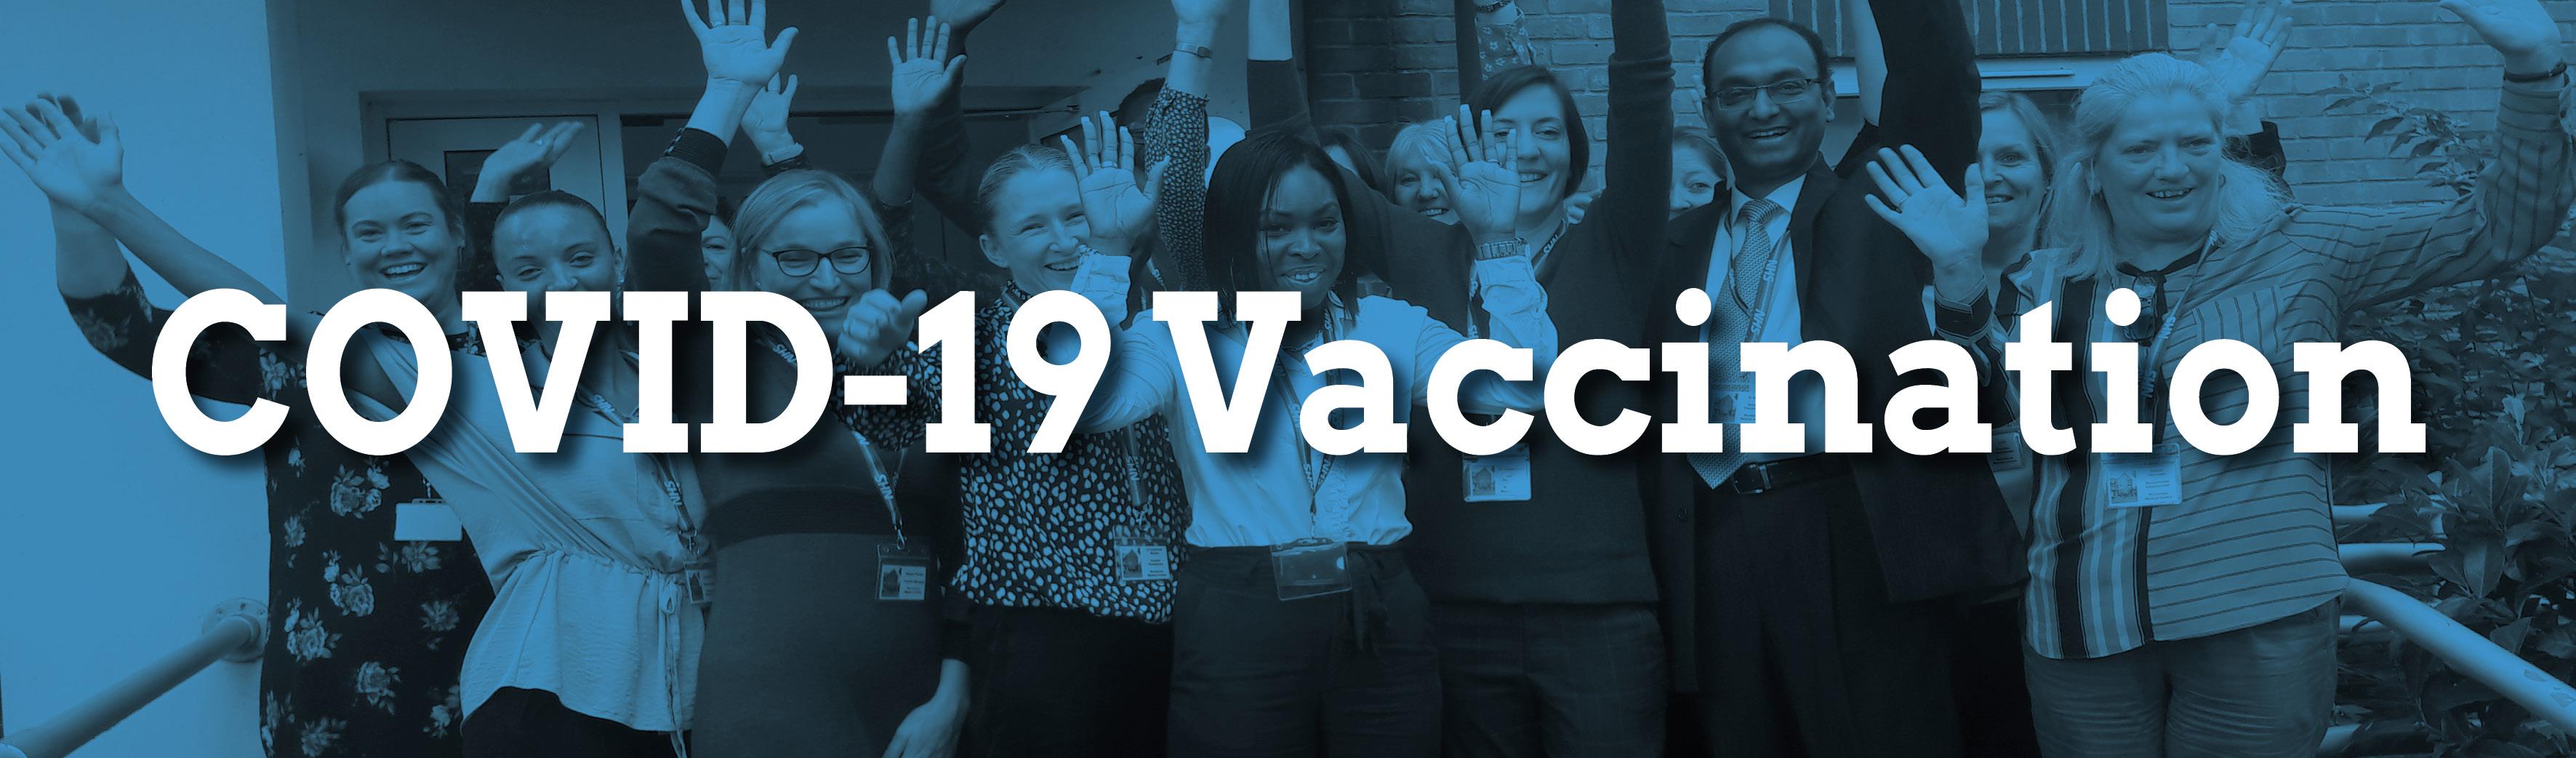 Covid-19 vaccinaton